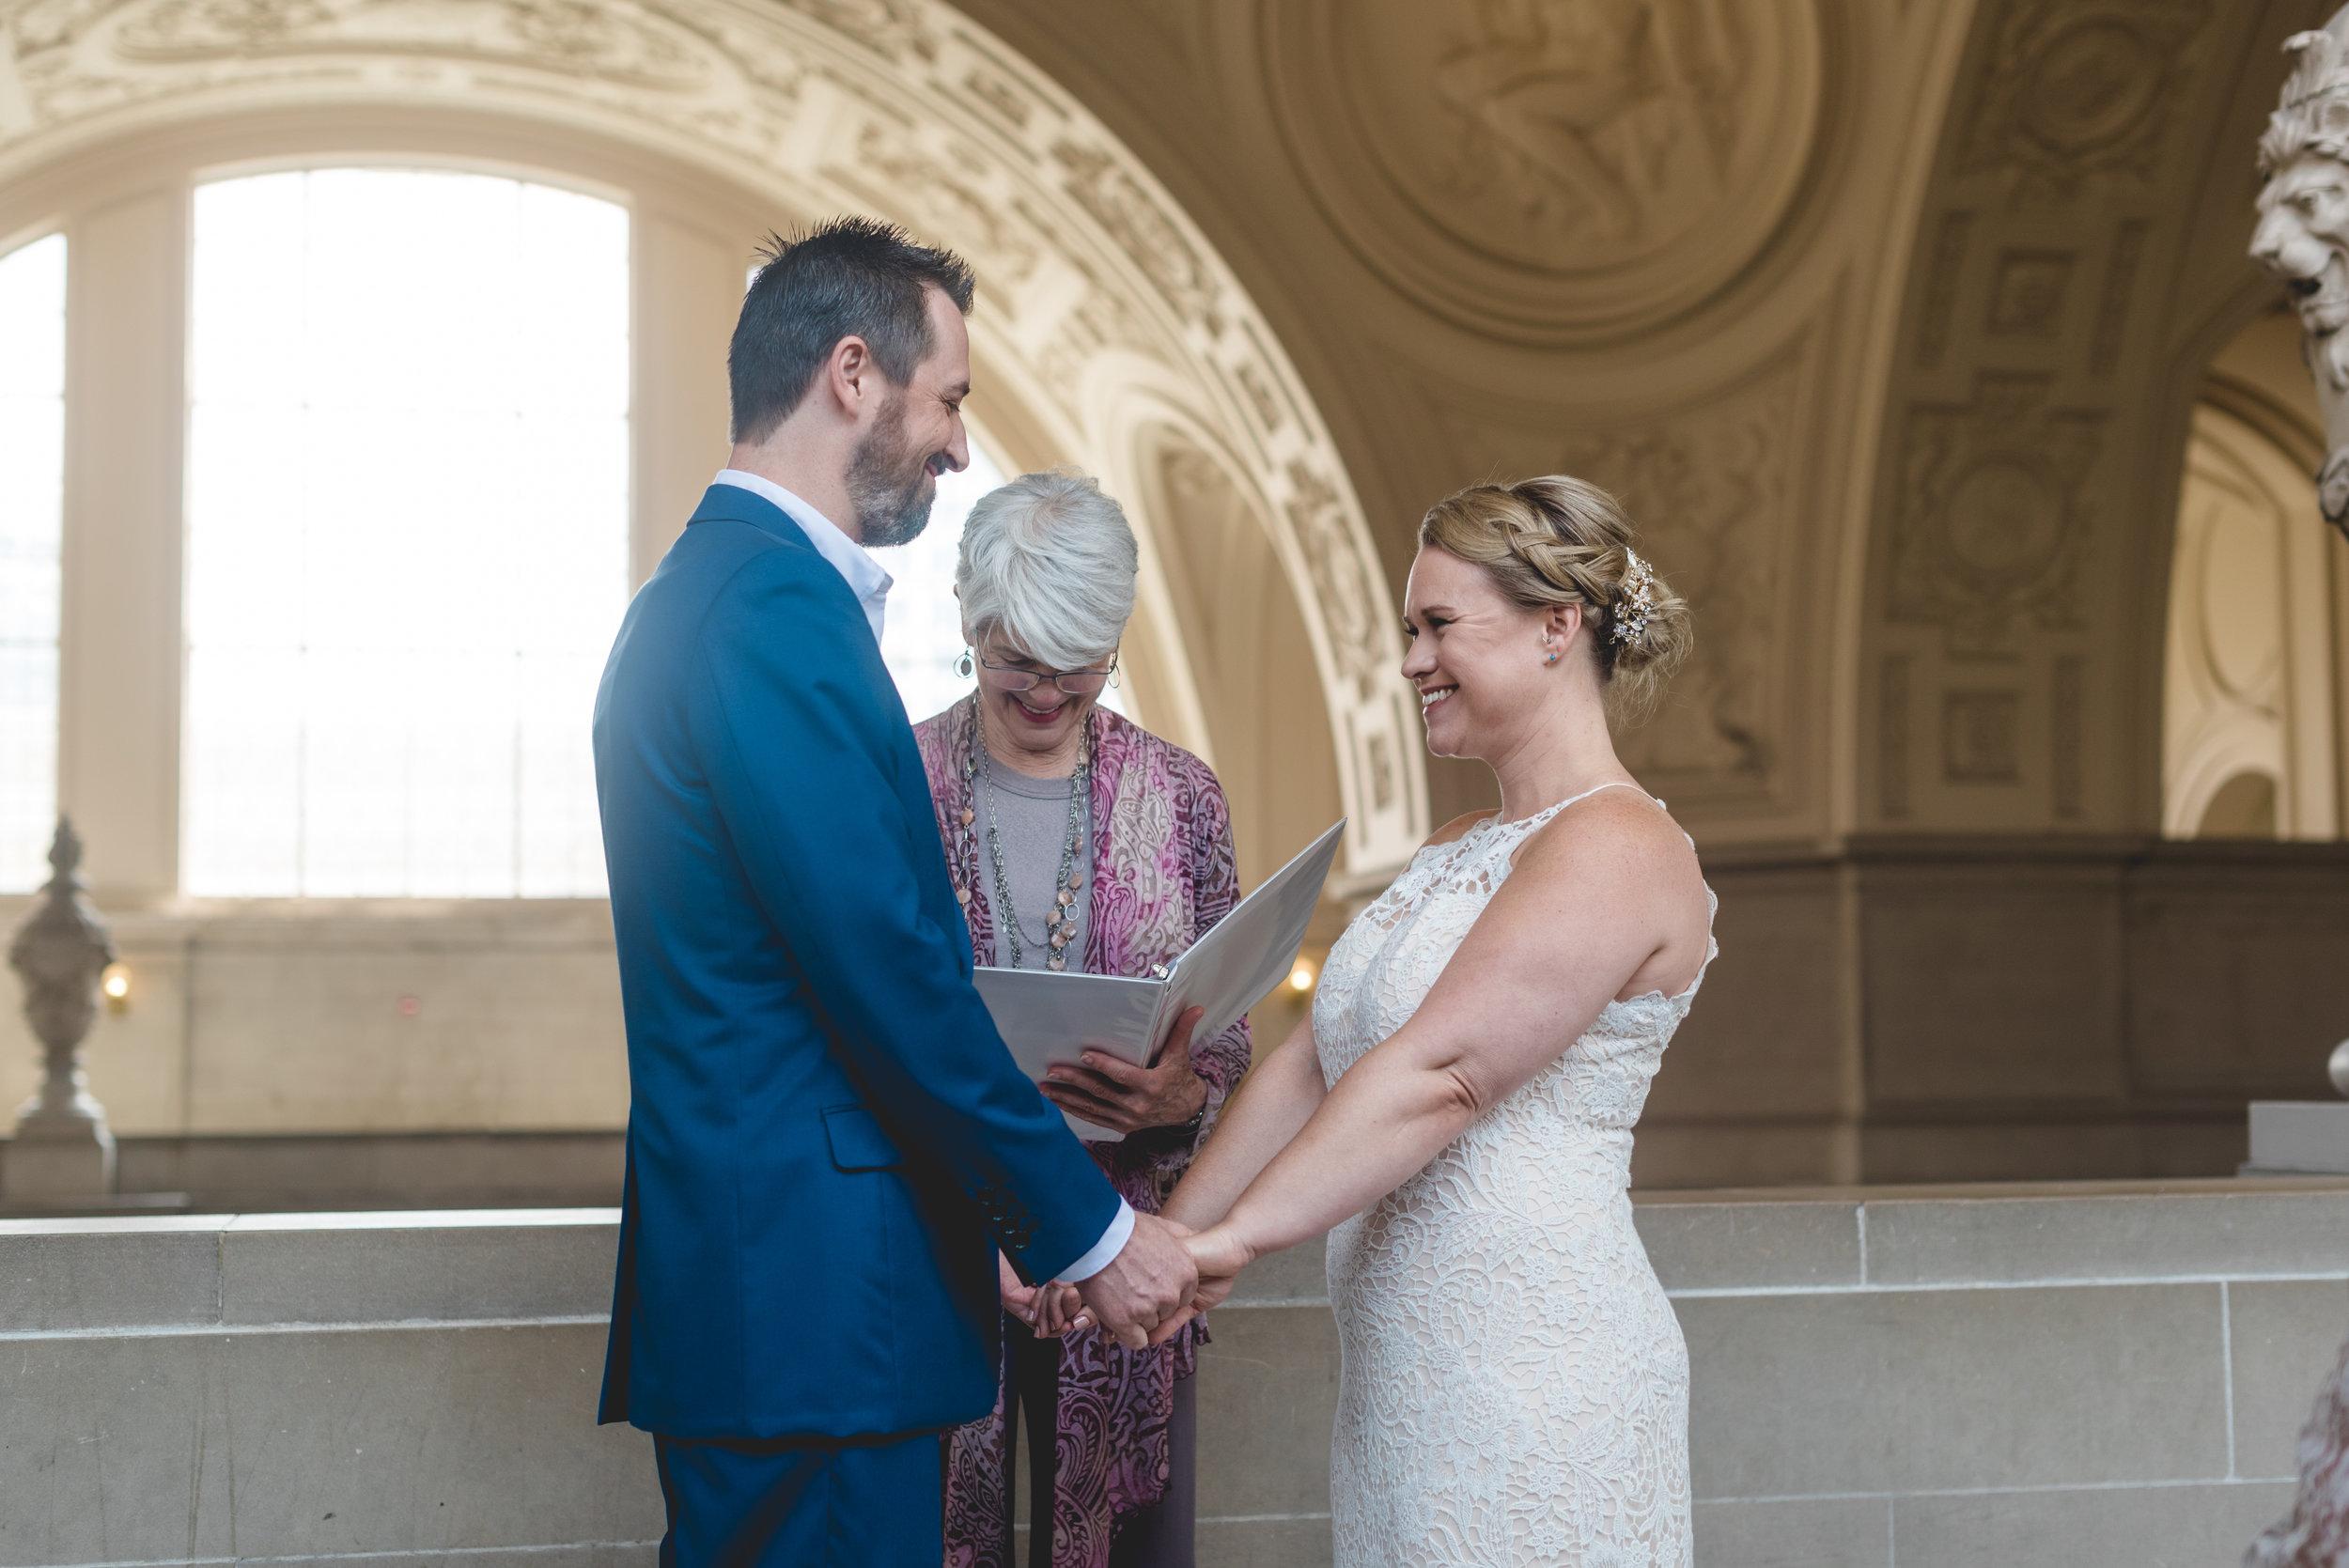 mcdaniels_conroy-wedding-ceremony-91.jpg